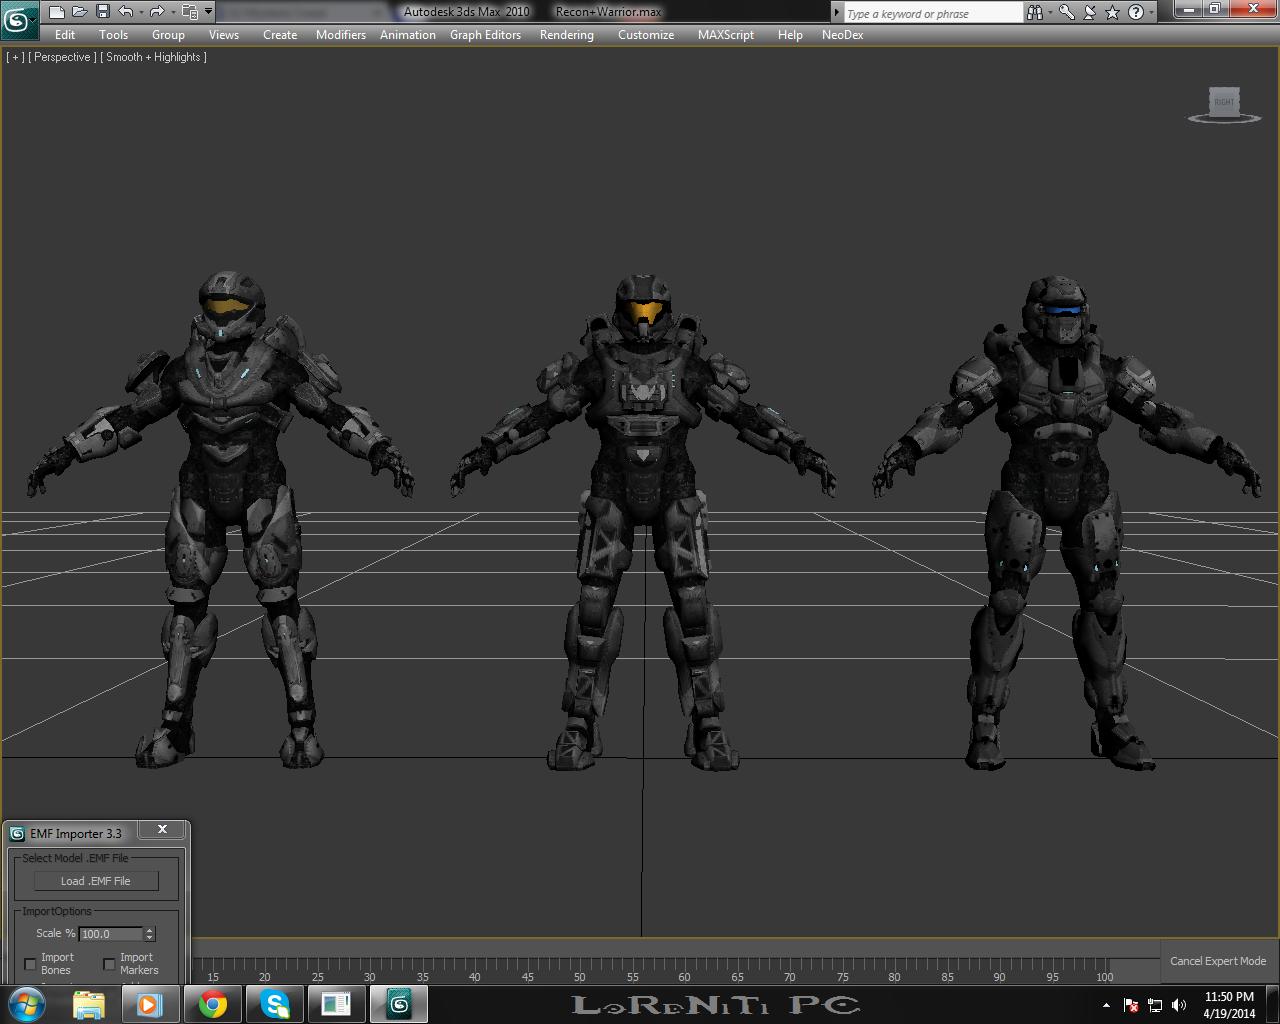 LoRdNiTi's Halo 4 Spartan 3D models image - LoRd-NiTi-619 - Mod DB